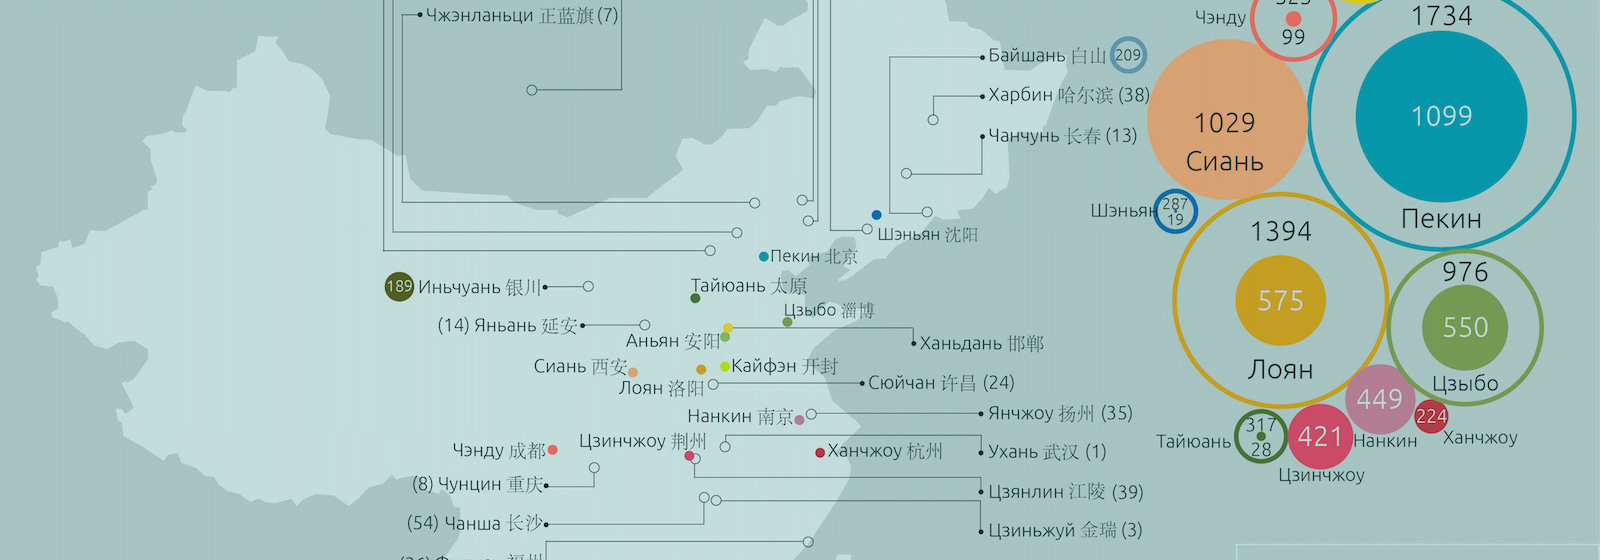 34 столицы Китая